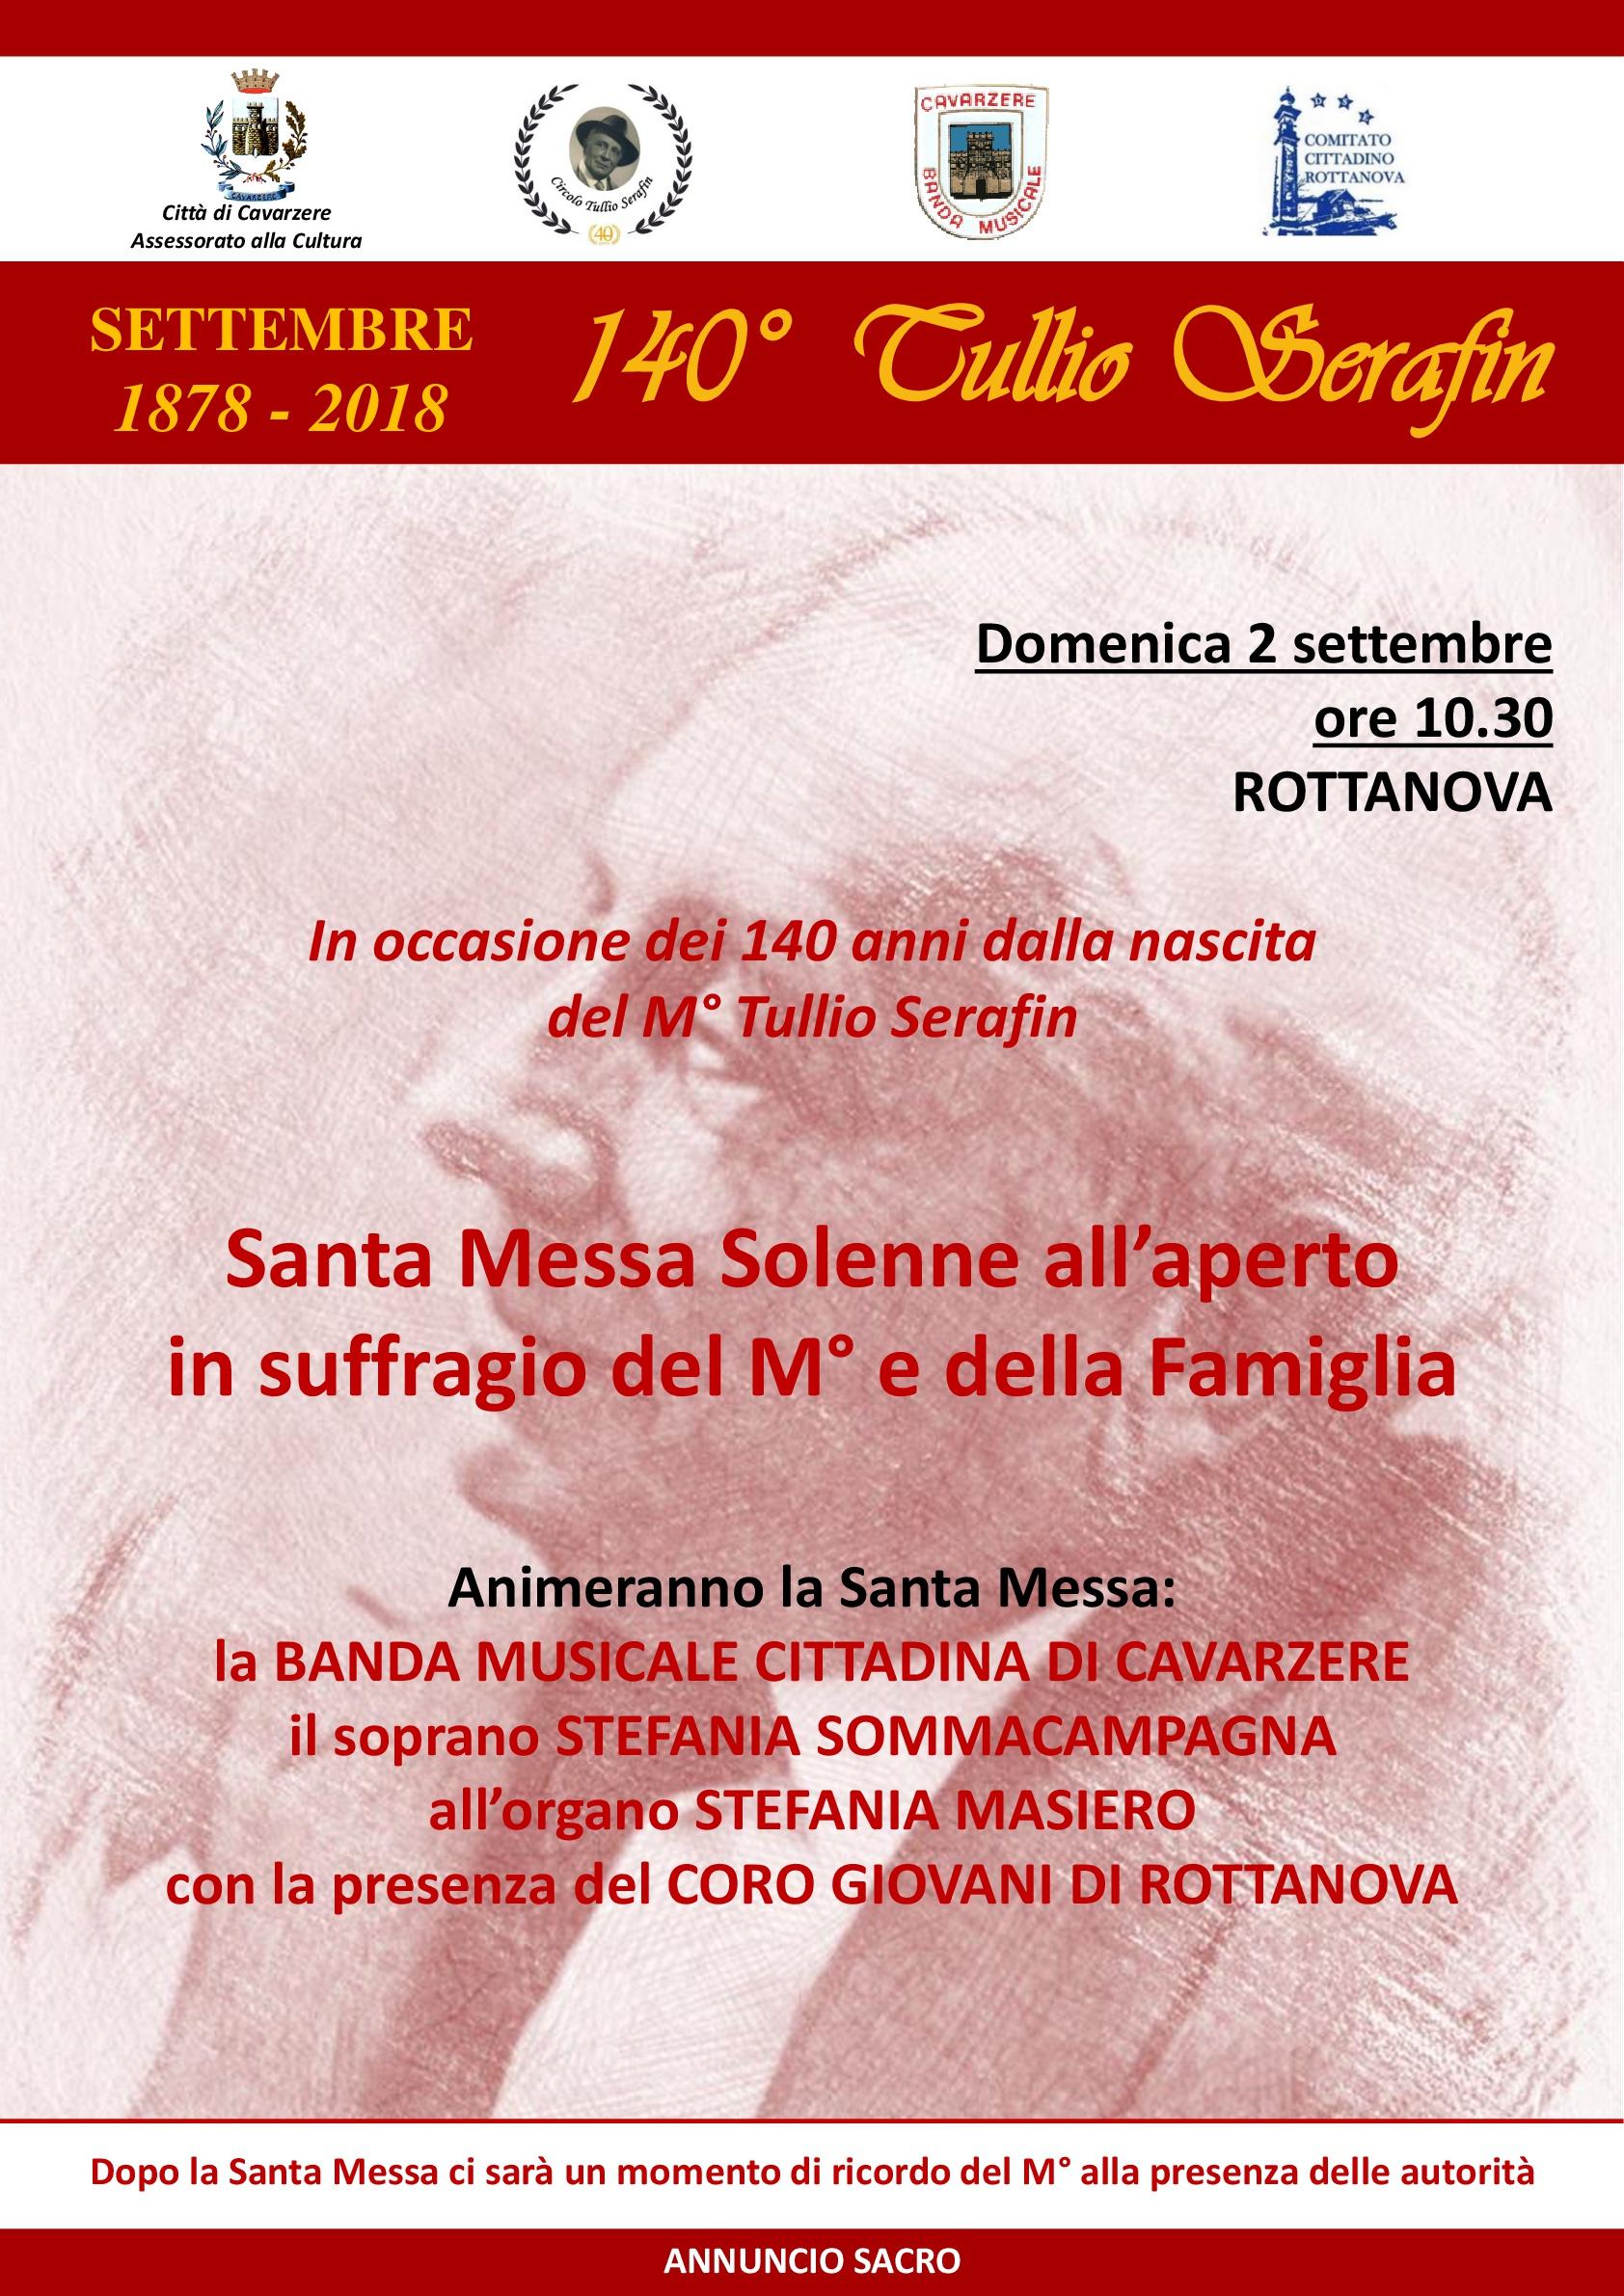 Una domenica di settembre a Rottanova… A 140 dalla nascita di Tullio Serafin